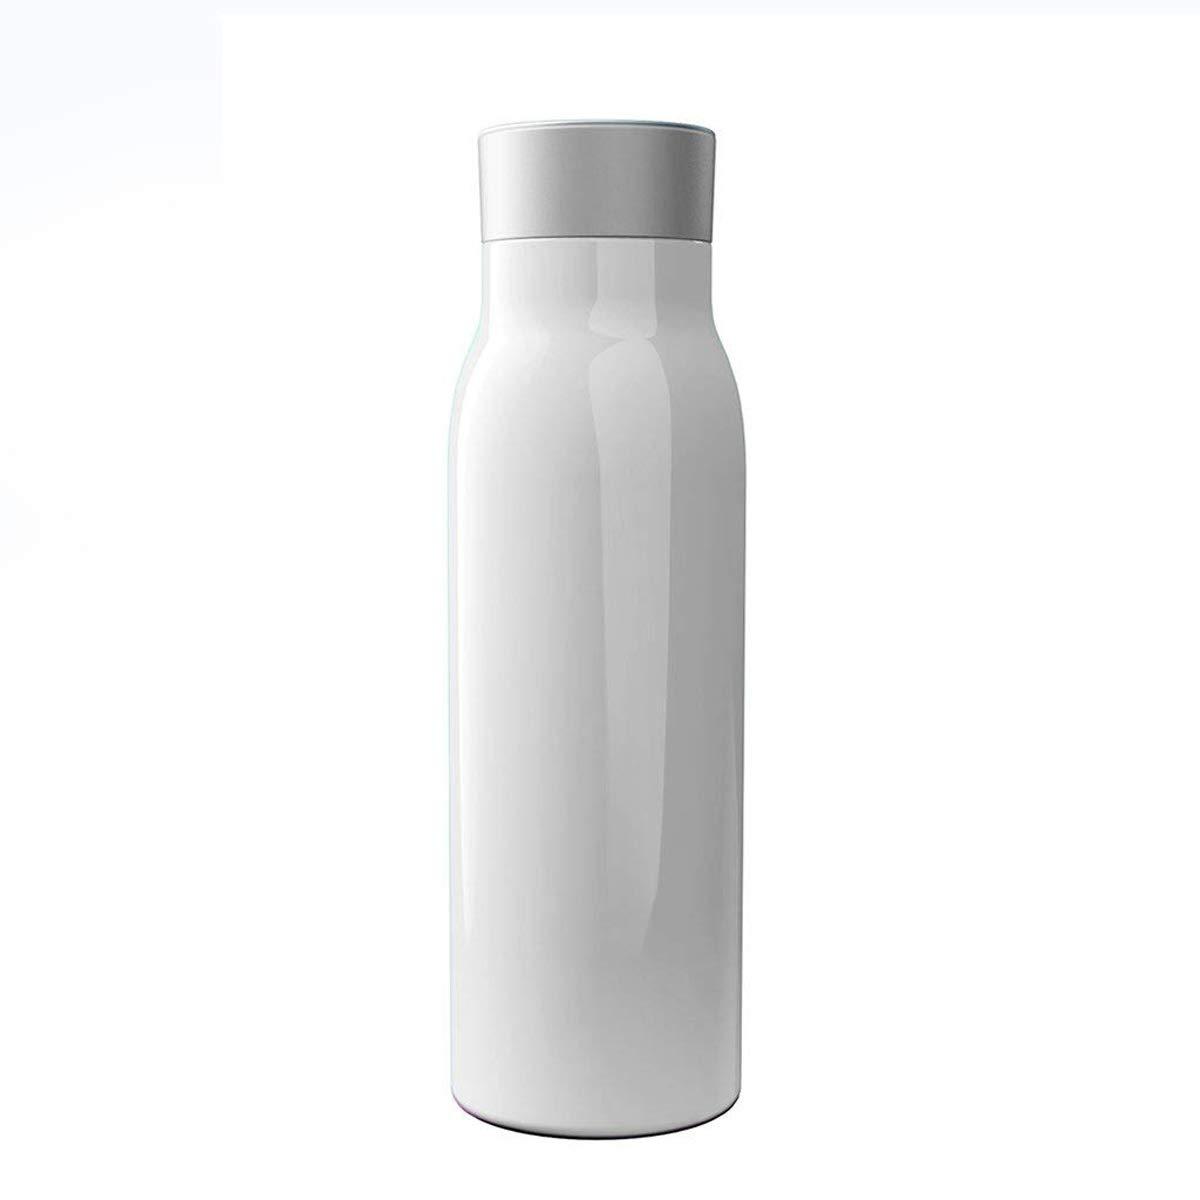 RMXMY YAYZA  Smart Cup G2 Bottiglia termica a doppia parete con isolamento a vuoto in acciaio inox, touch screen a LED per display della temperatura dell'acqua e tracker per l'idratazione, supporto pe